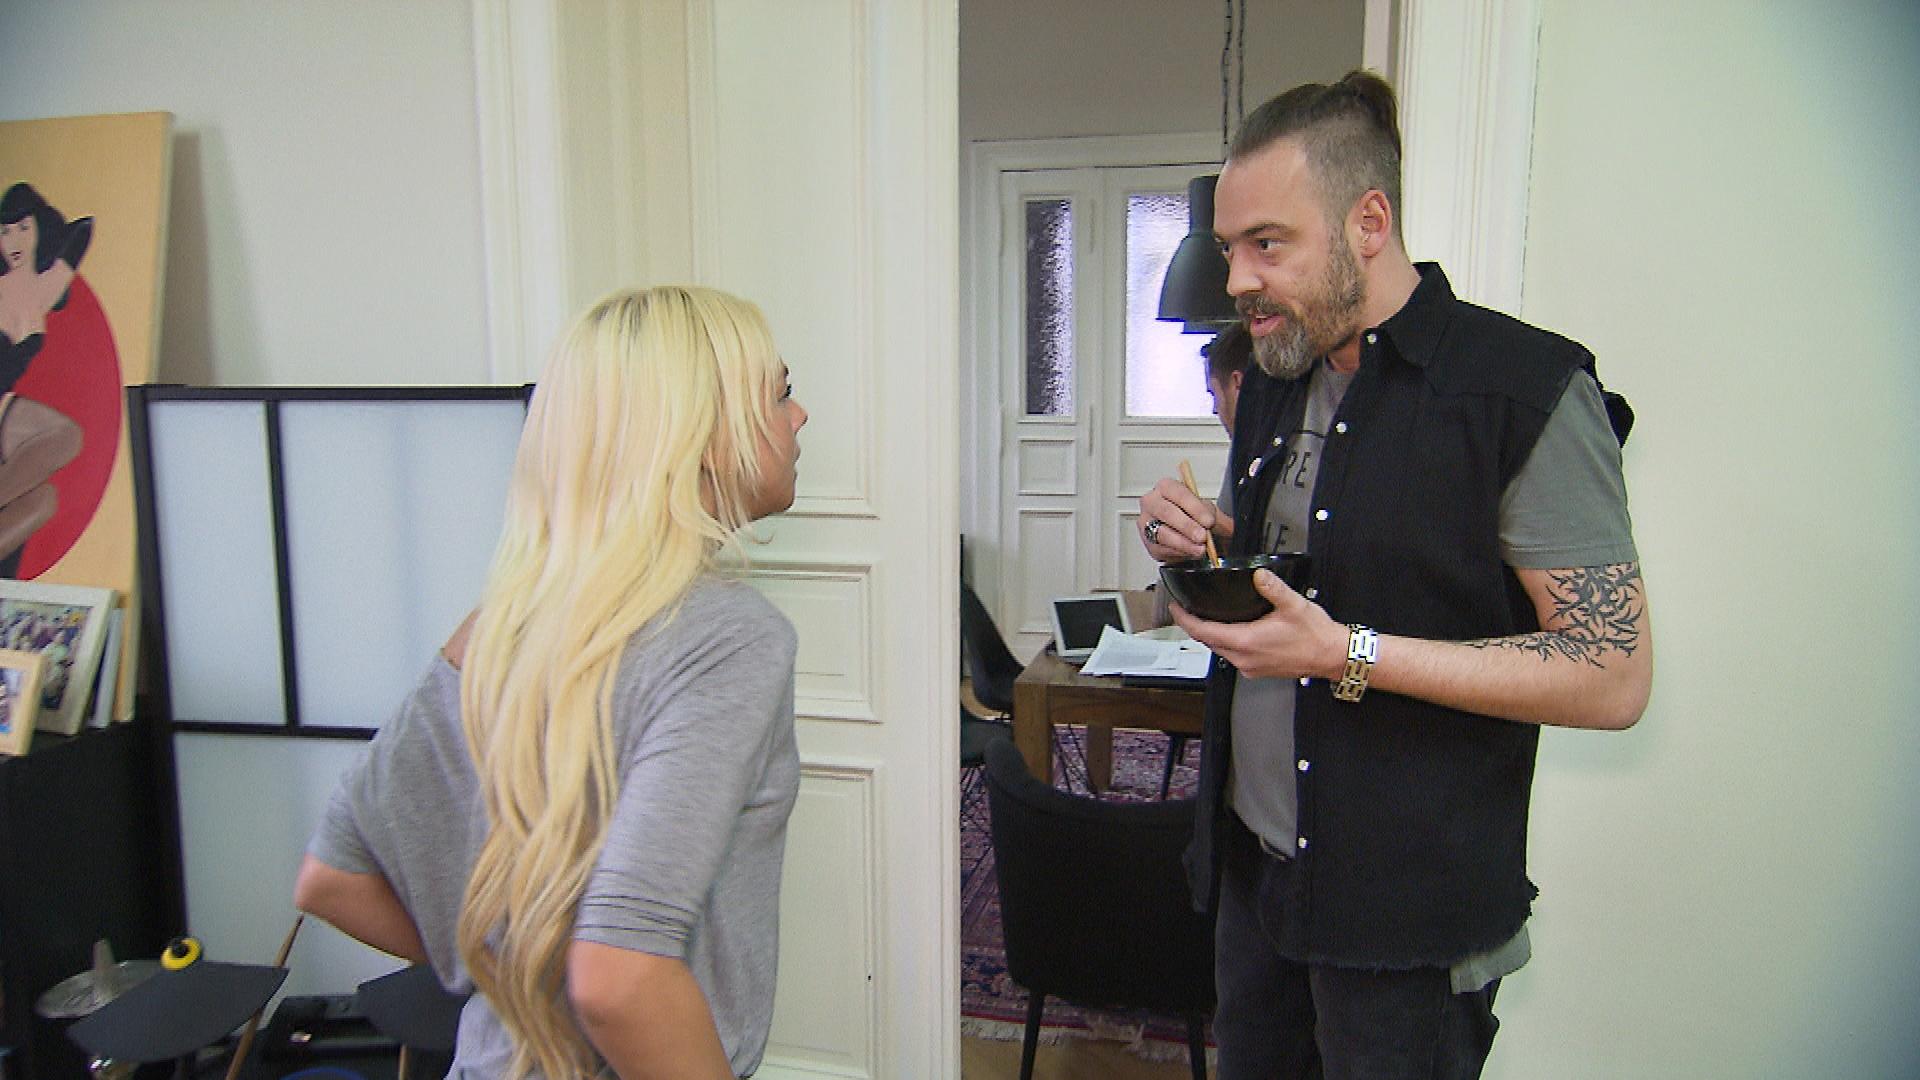 Peggy,li., ärgert sich über Theos,re., Macho-Allüren und ist froh, dass sie im Augenblick keinen Mann hat. (Quelle: RTL 2)